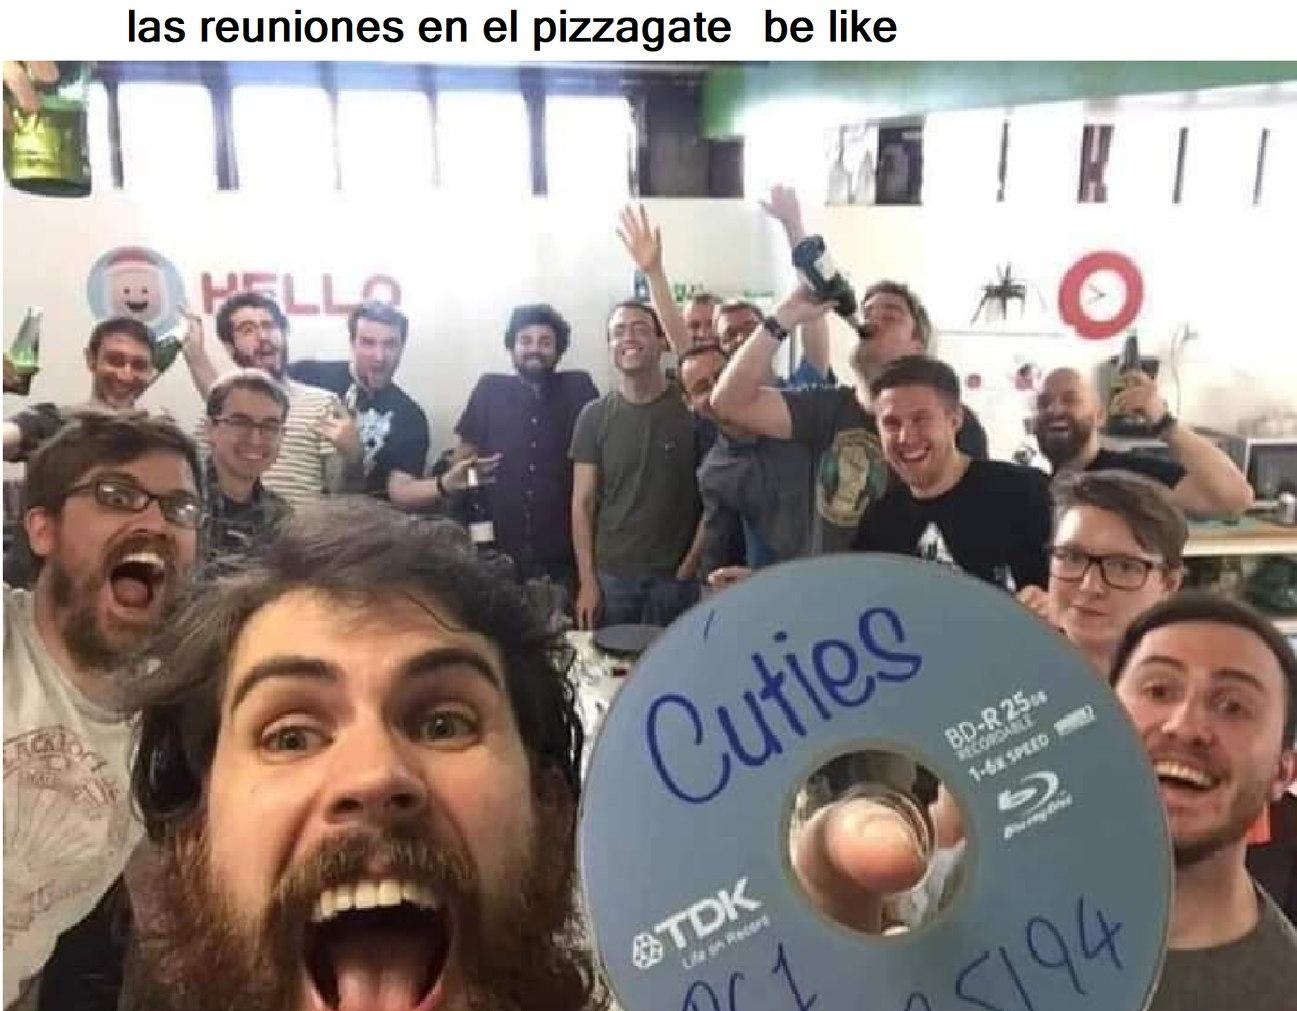 POV, reunion de fans de the loud house (so gente el pizzagate fue hace meses) - meme